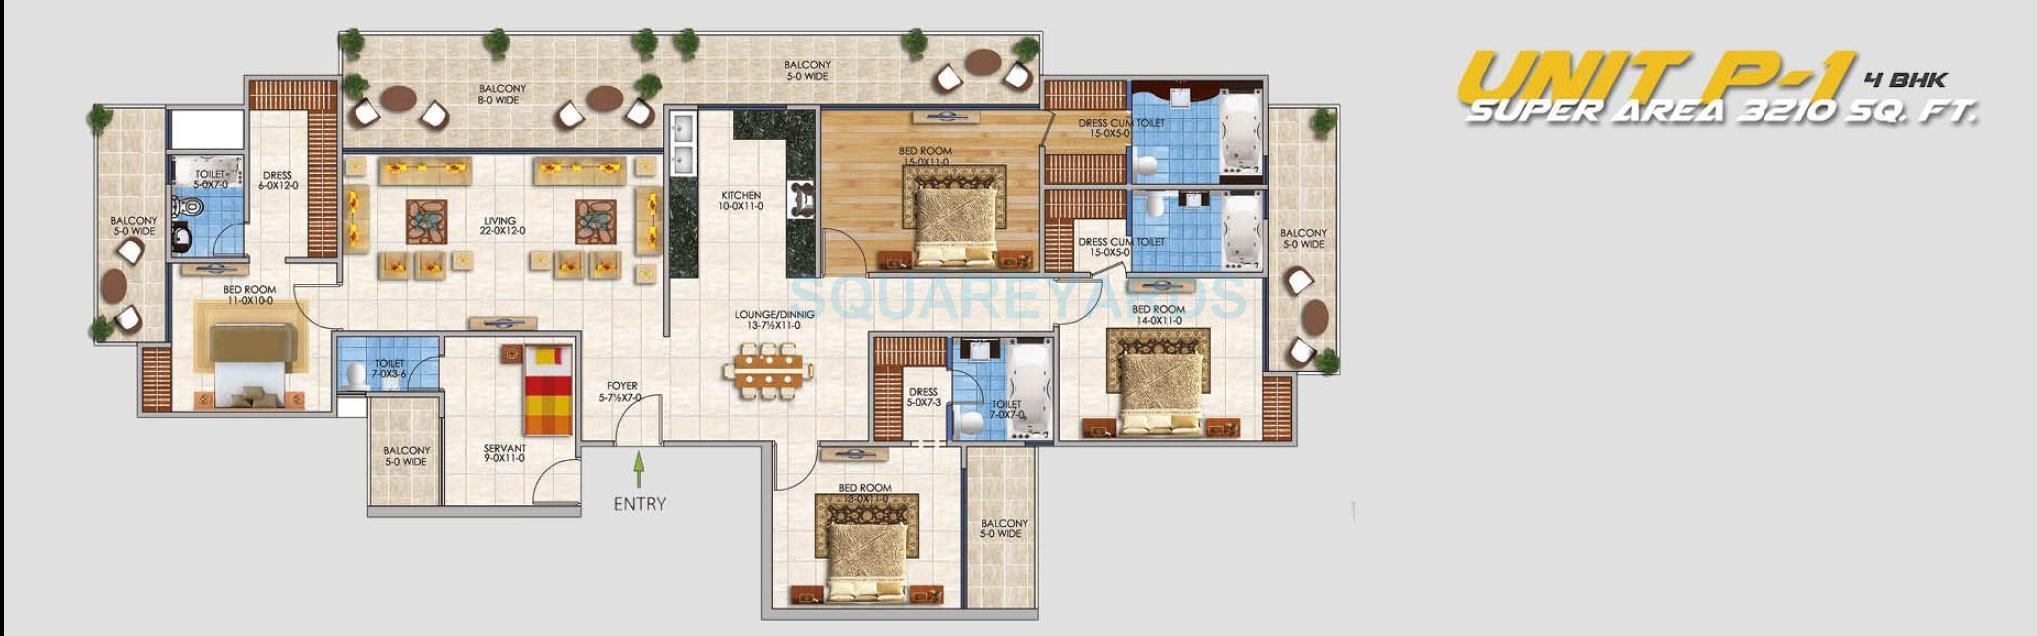 rsl sportshome apartment 4bhk 3210sqft 1